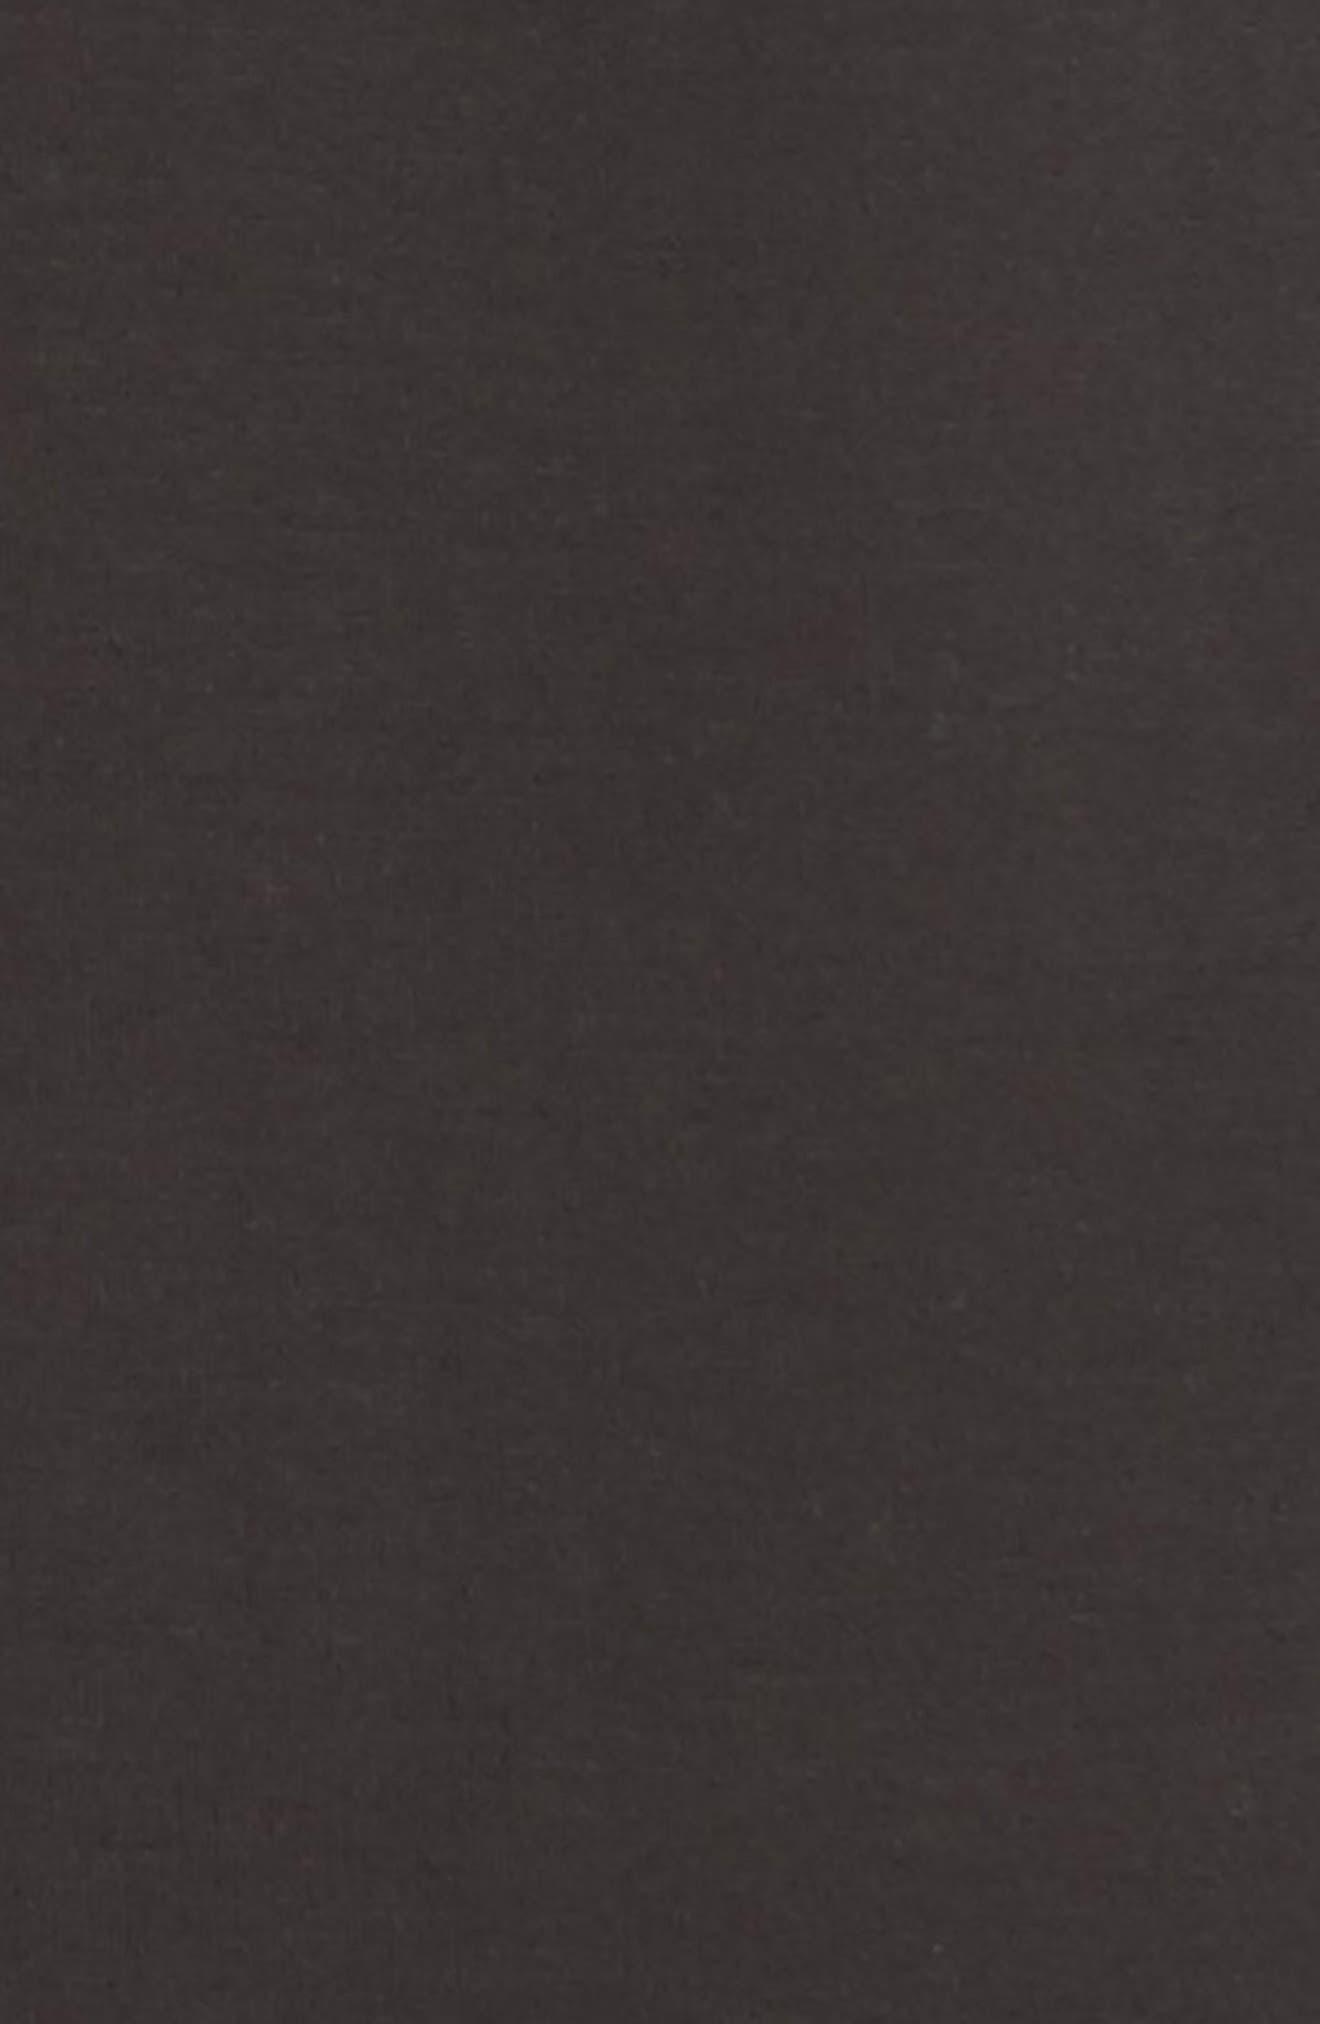 Studio Asymmetrical Zip Jacket,                             Alternate thumbnail 5, color,                             Black Onyx